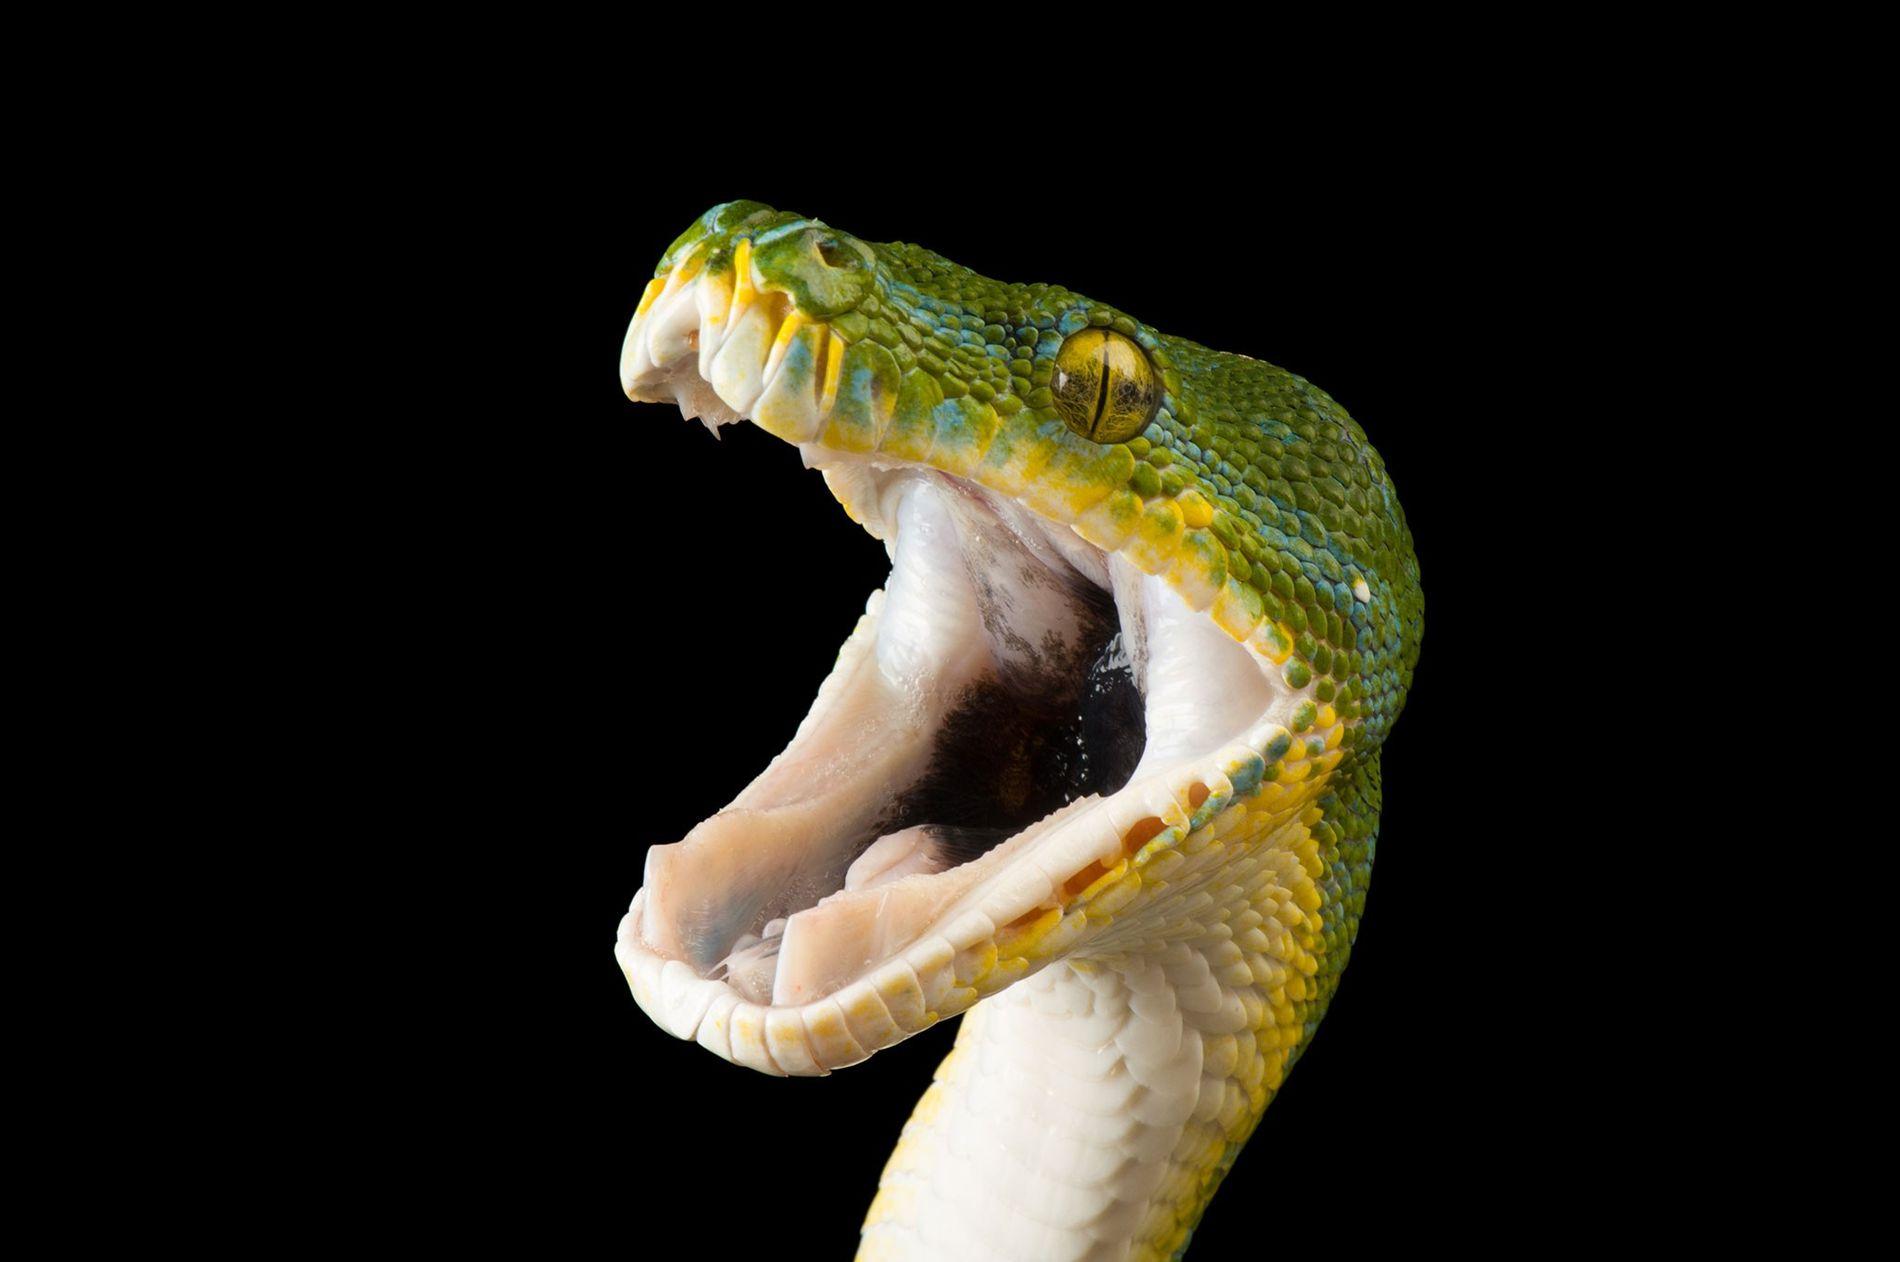 Se você tem medo de cobra, não abra esta galeria de fotos